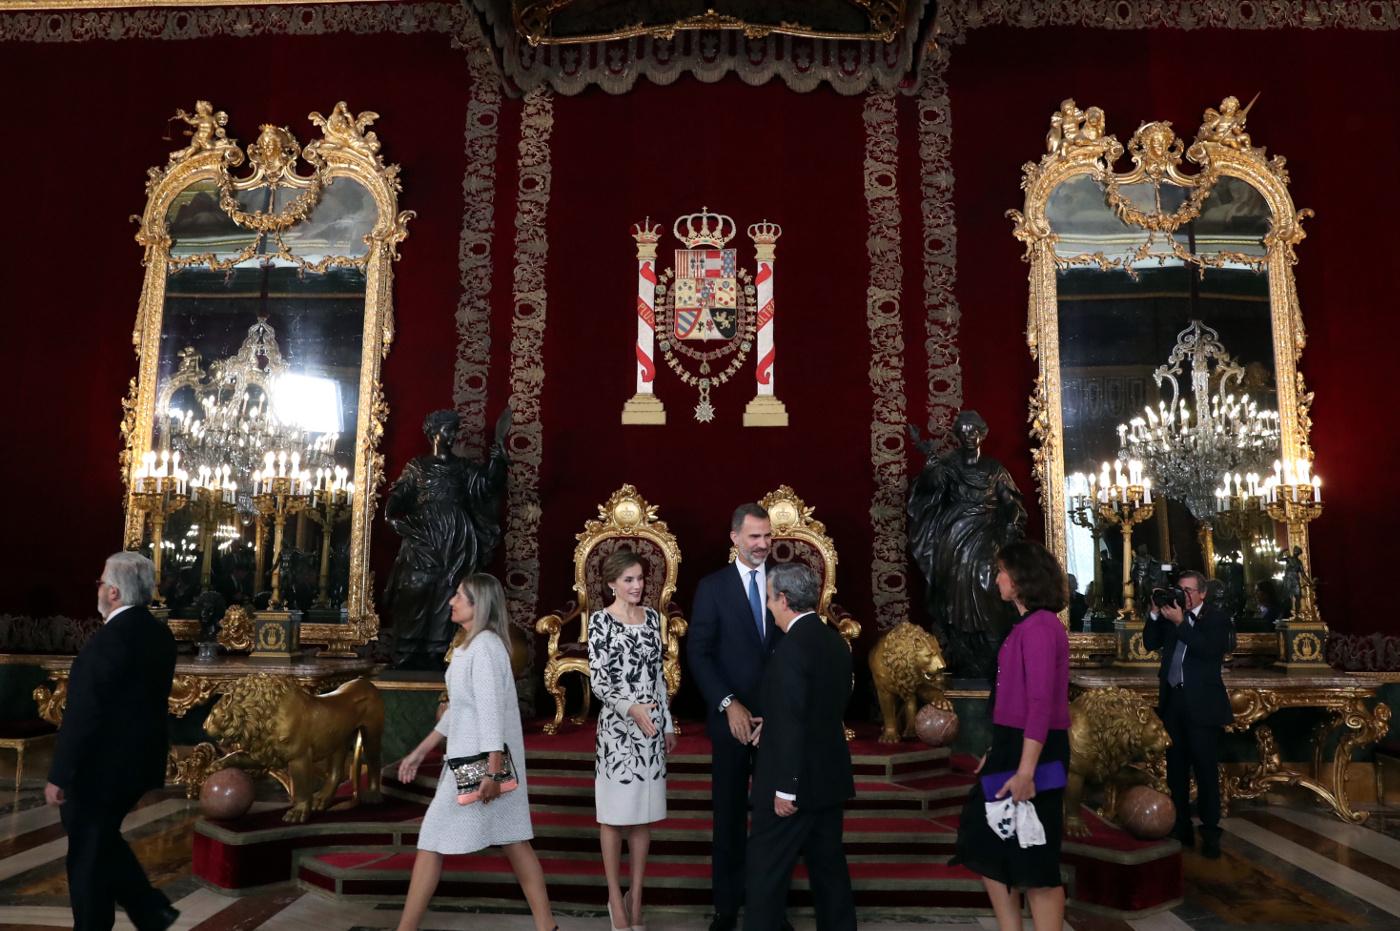 Don Felipe y Doña Letizia en el Salón del Trono durante la recepción con motivo del Día de la Fiesta Nacional